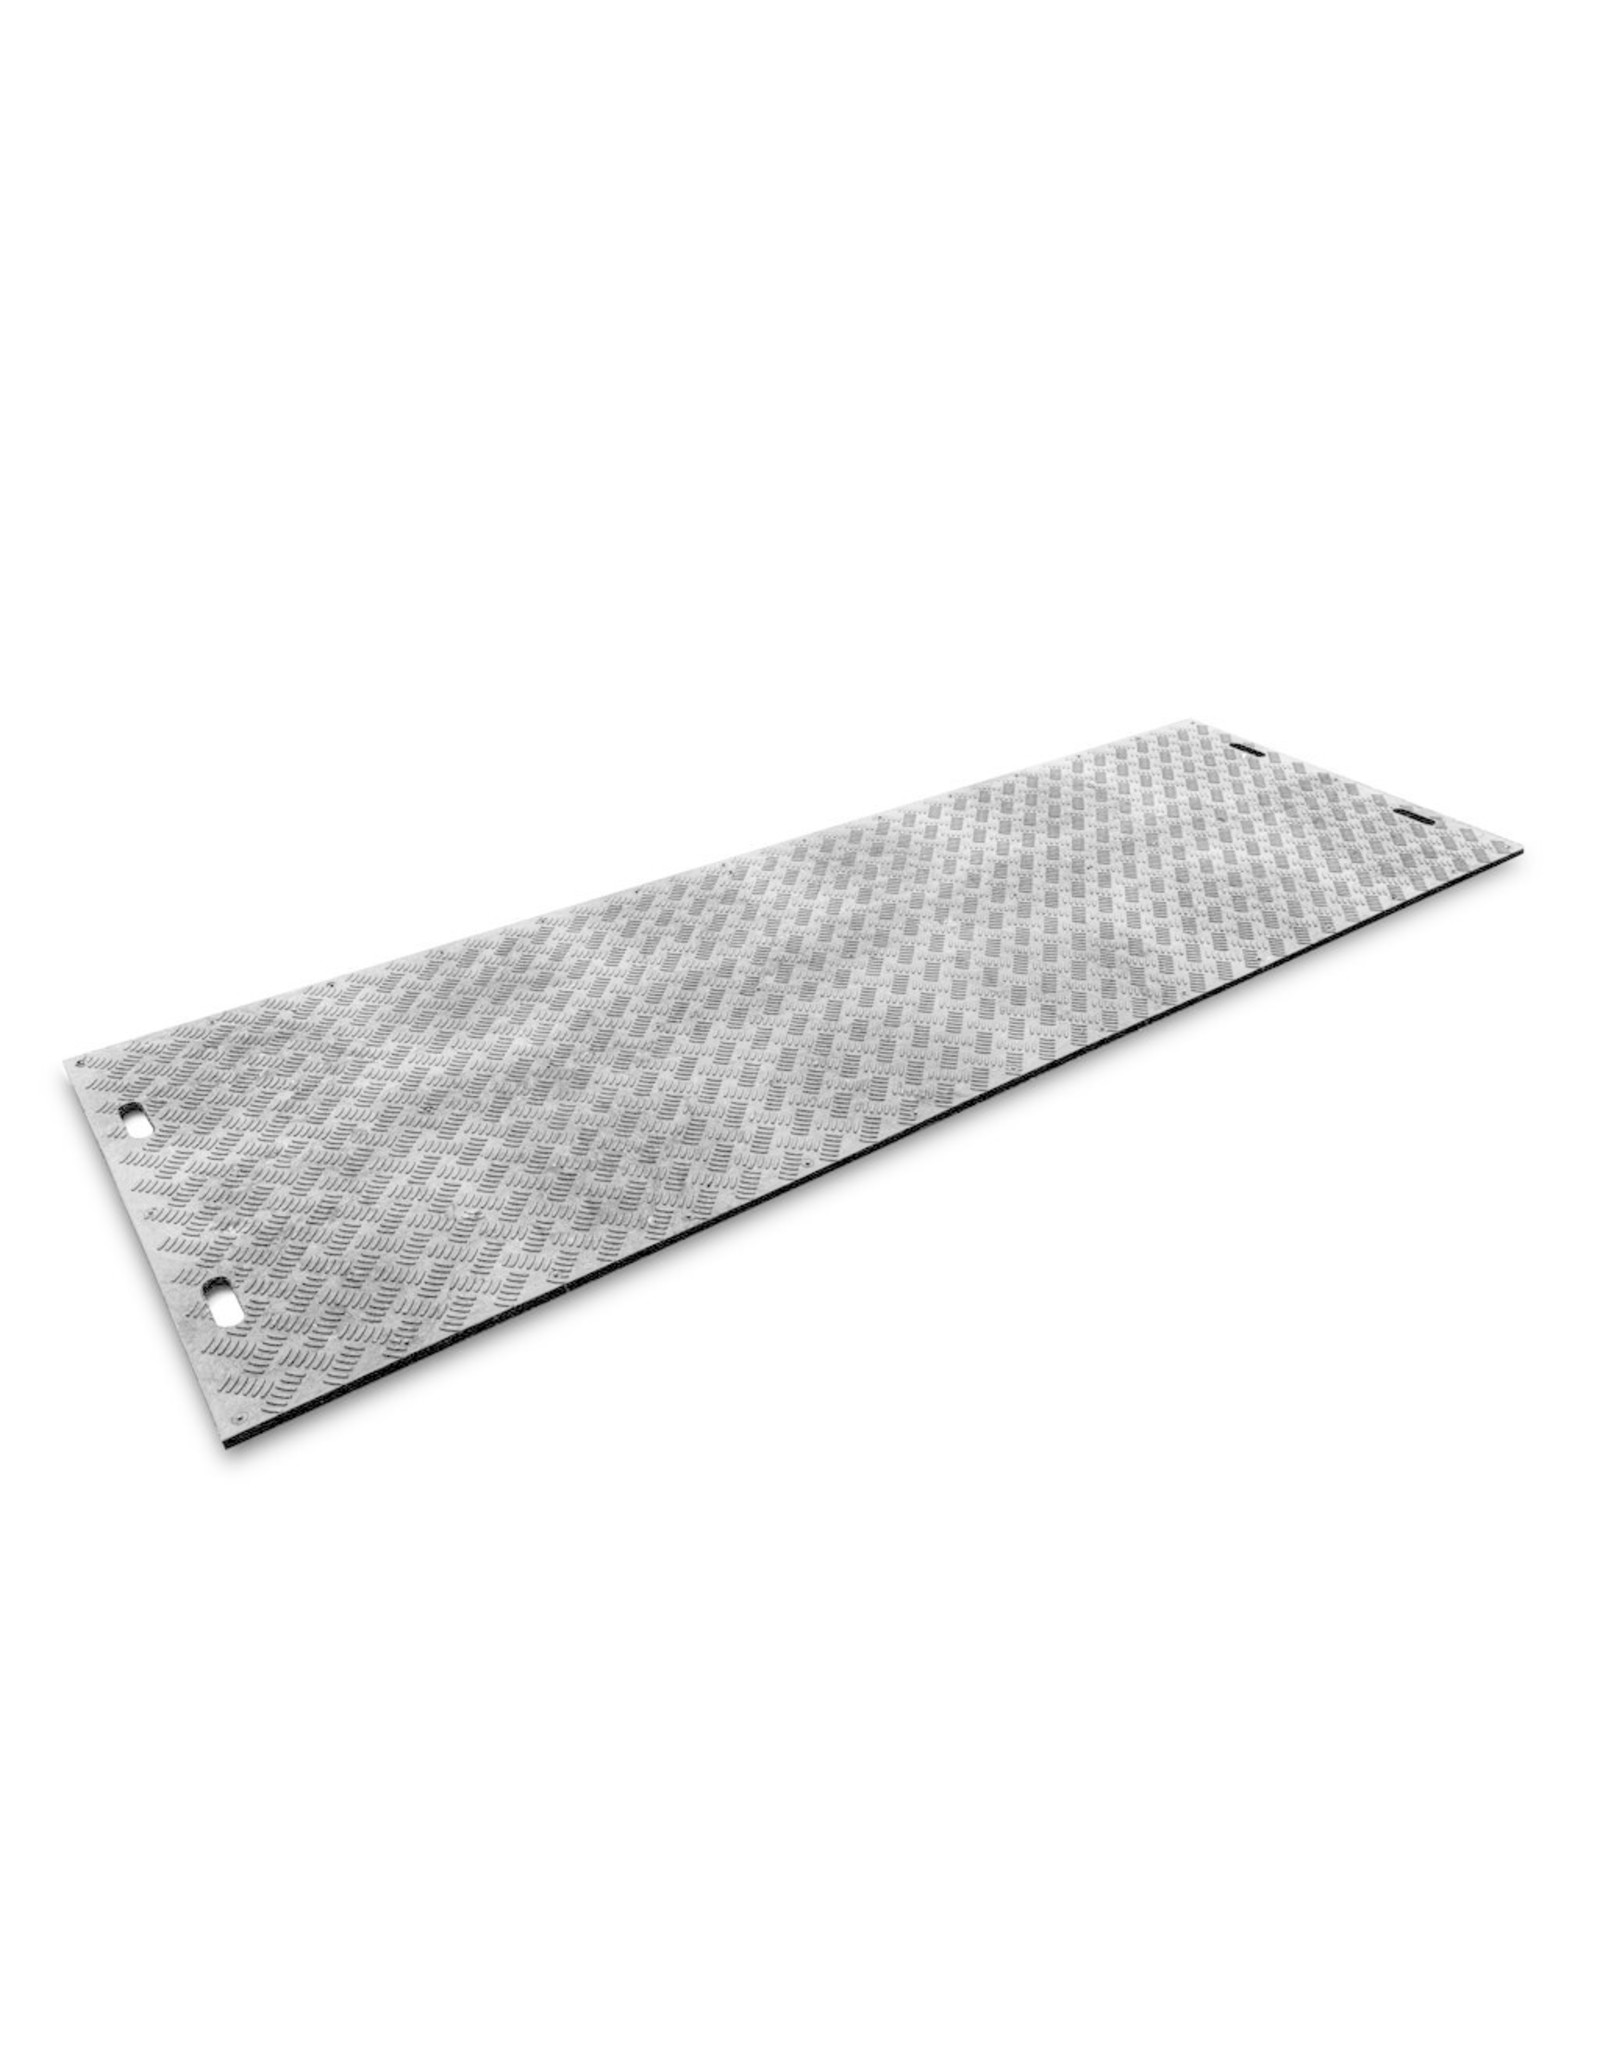 Kunststof rijplaat 300x100x2cm - 1 zijde profiel